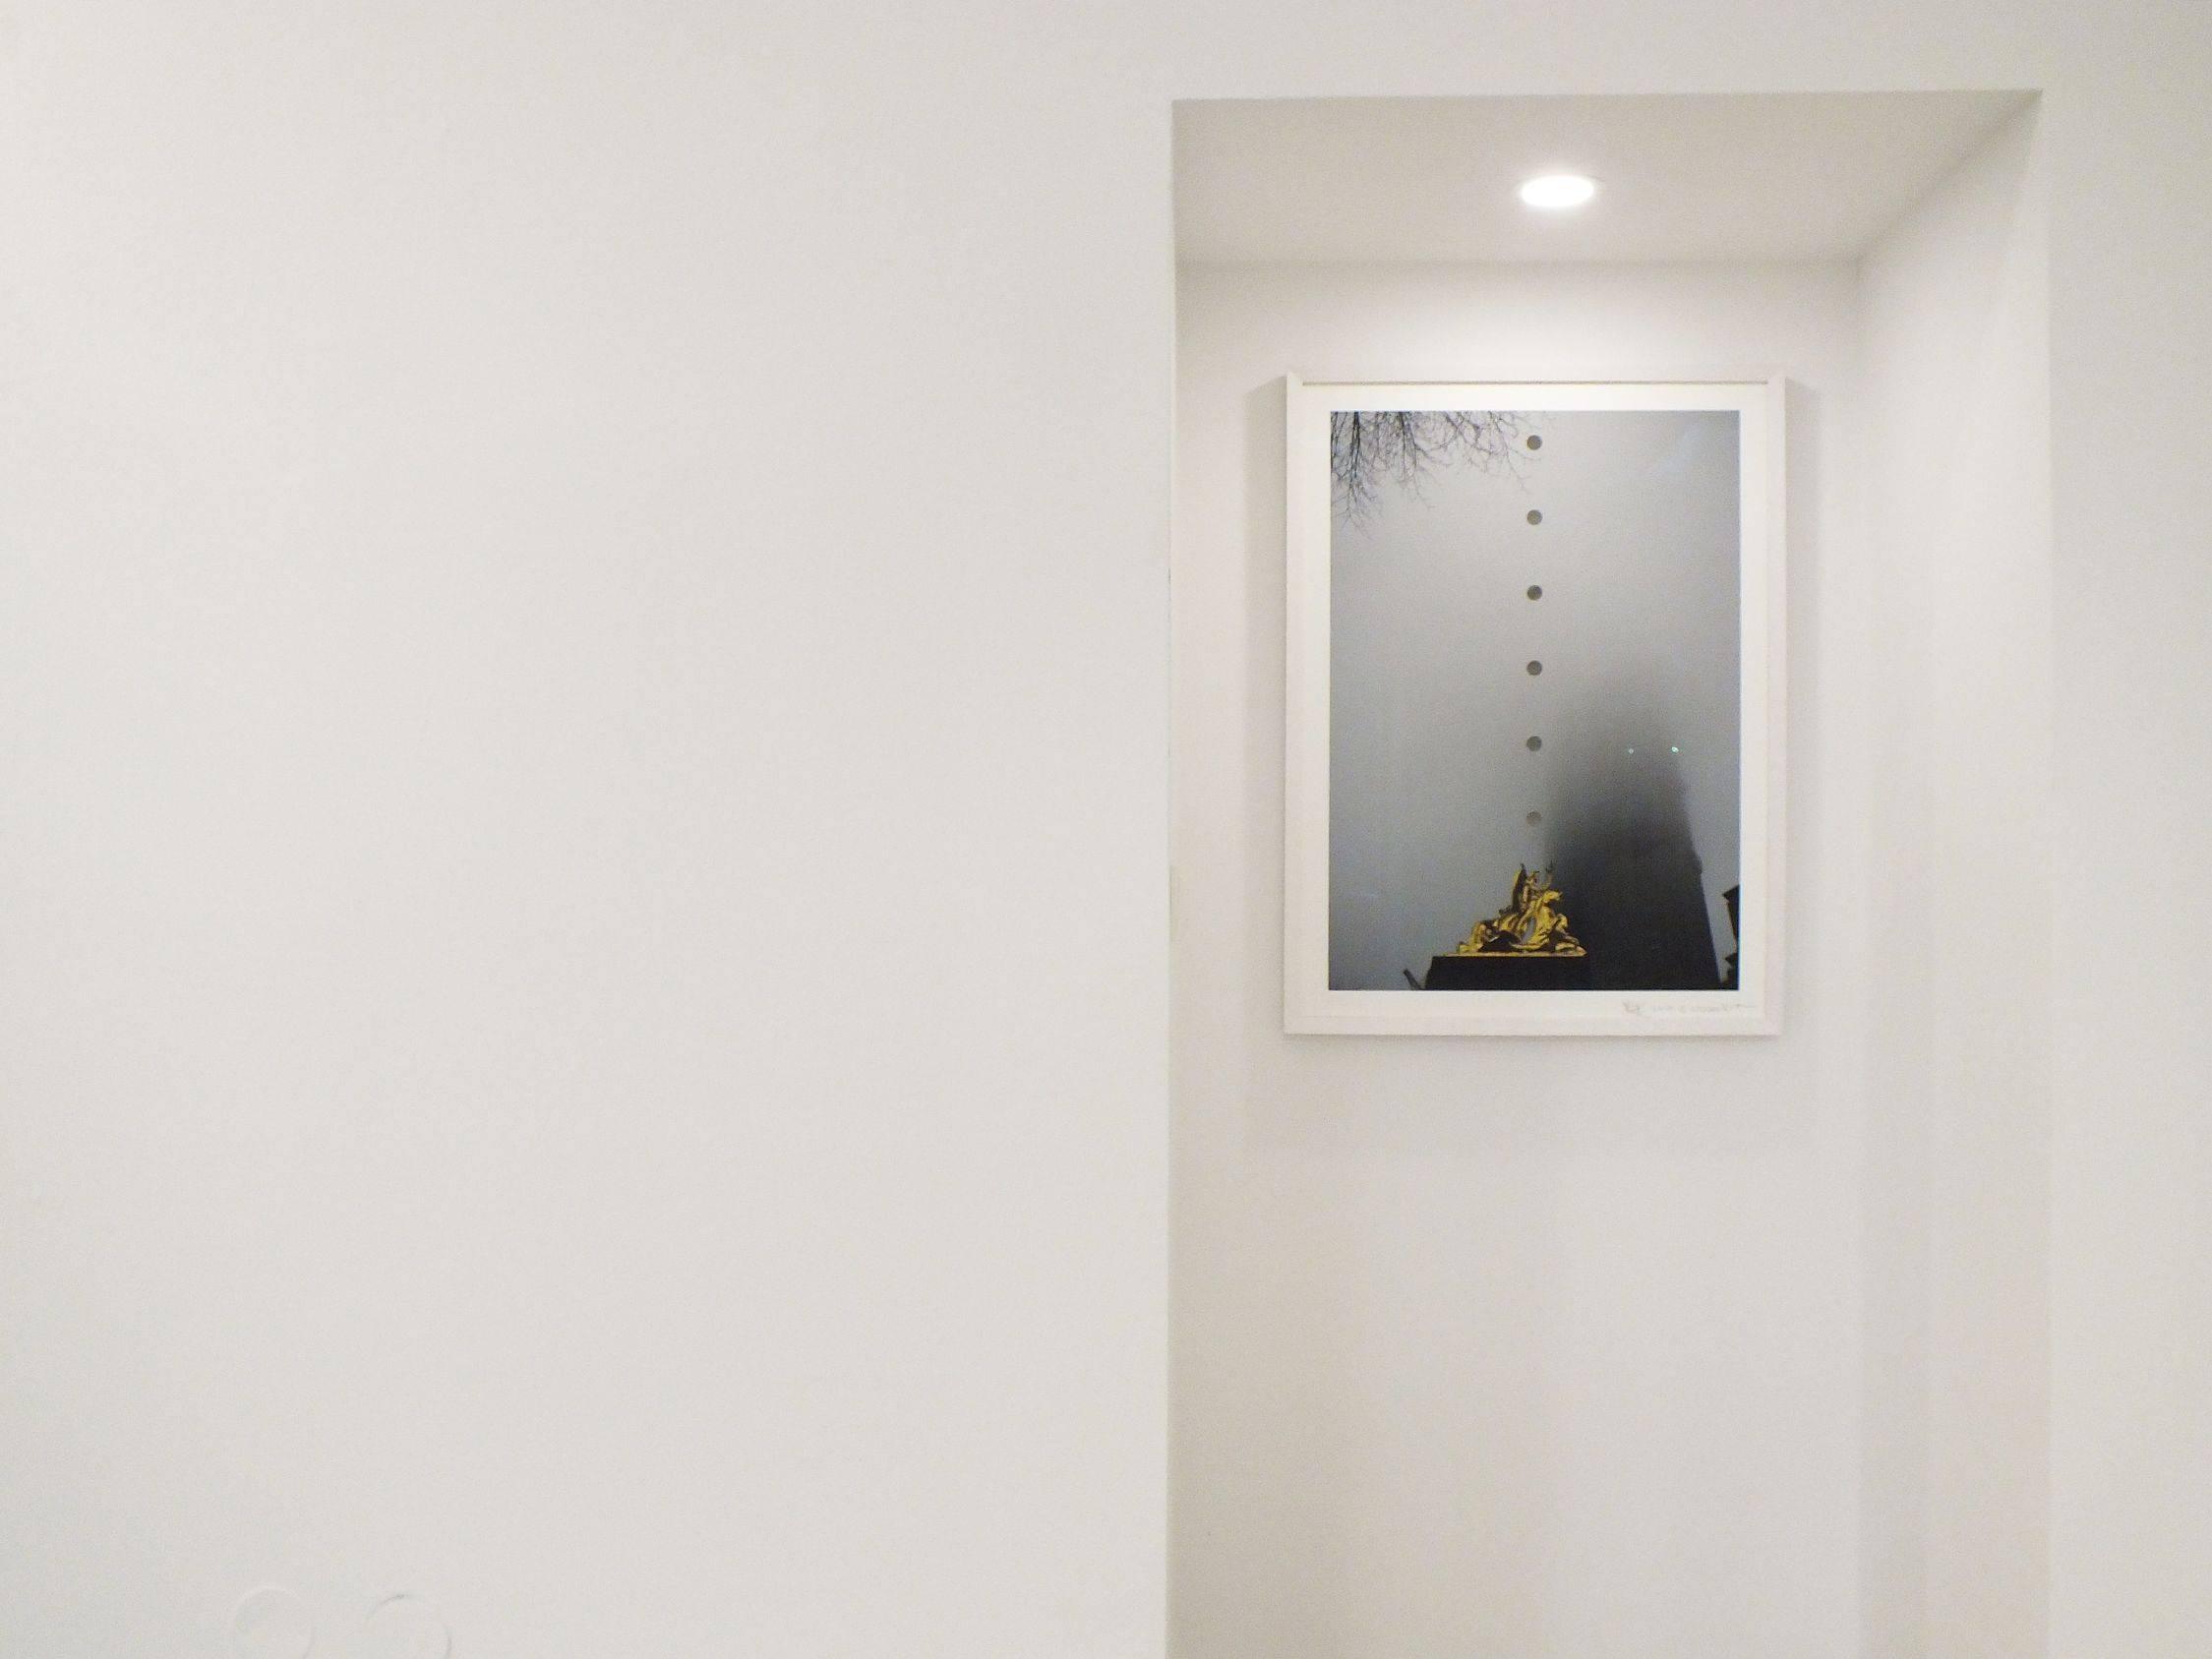 Spuren/ Traces, Clouds Taste Metallic, Loft8 Galerie für zeitgenösssische Kunst, 2019